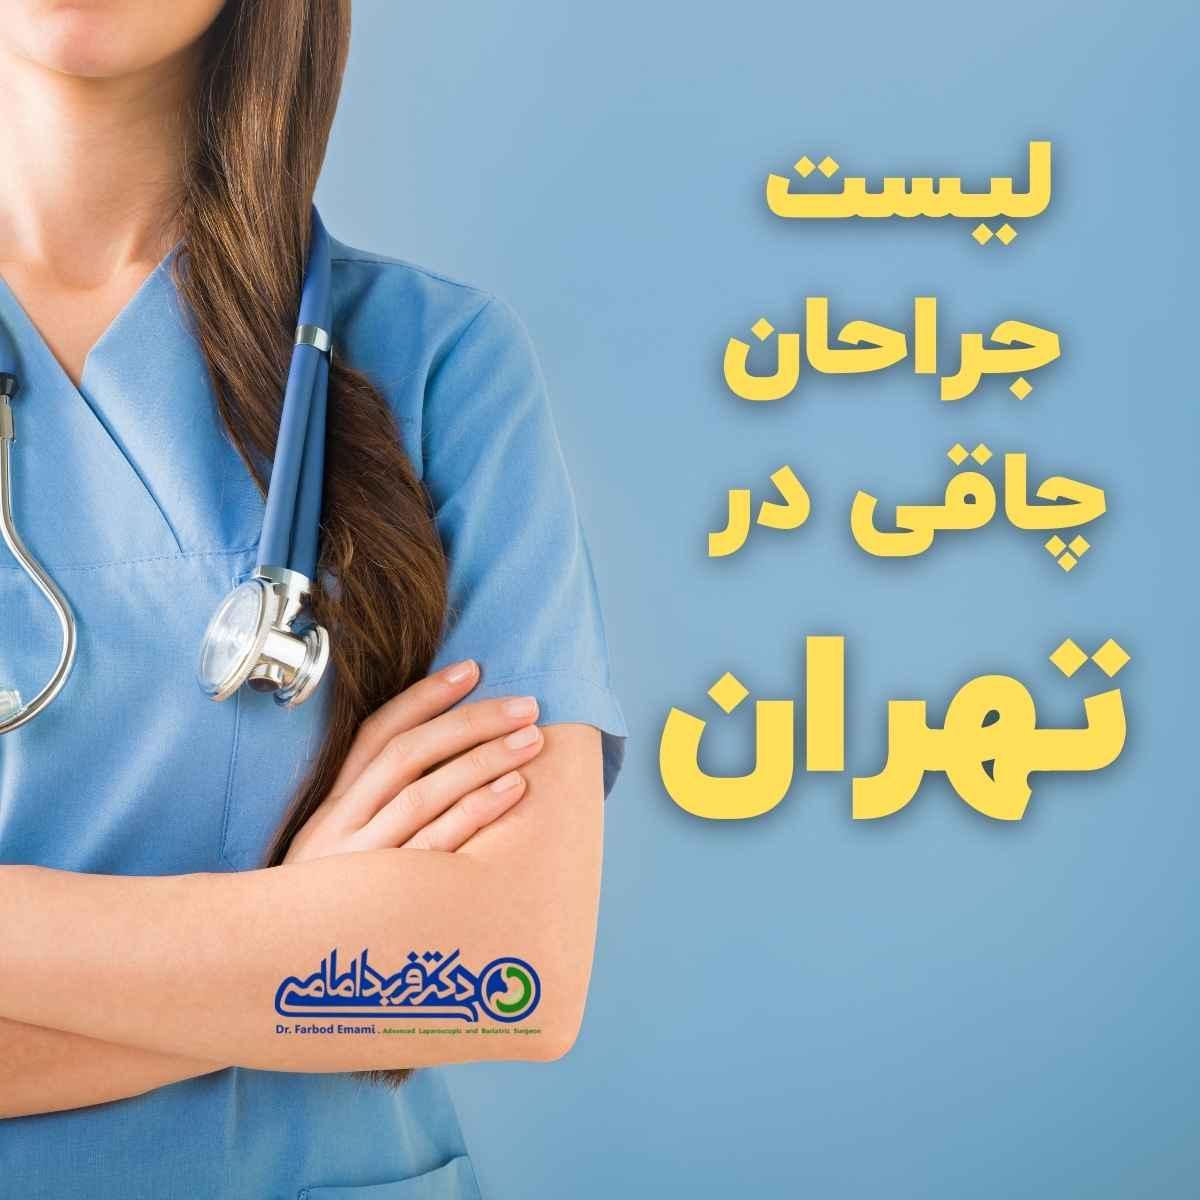 تصویر شاخص لیست جراحان چاقی تهران